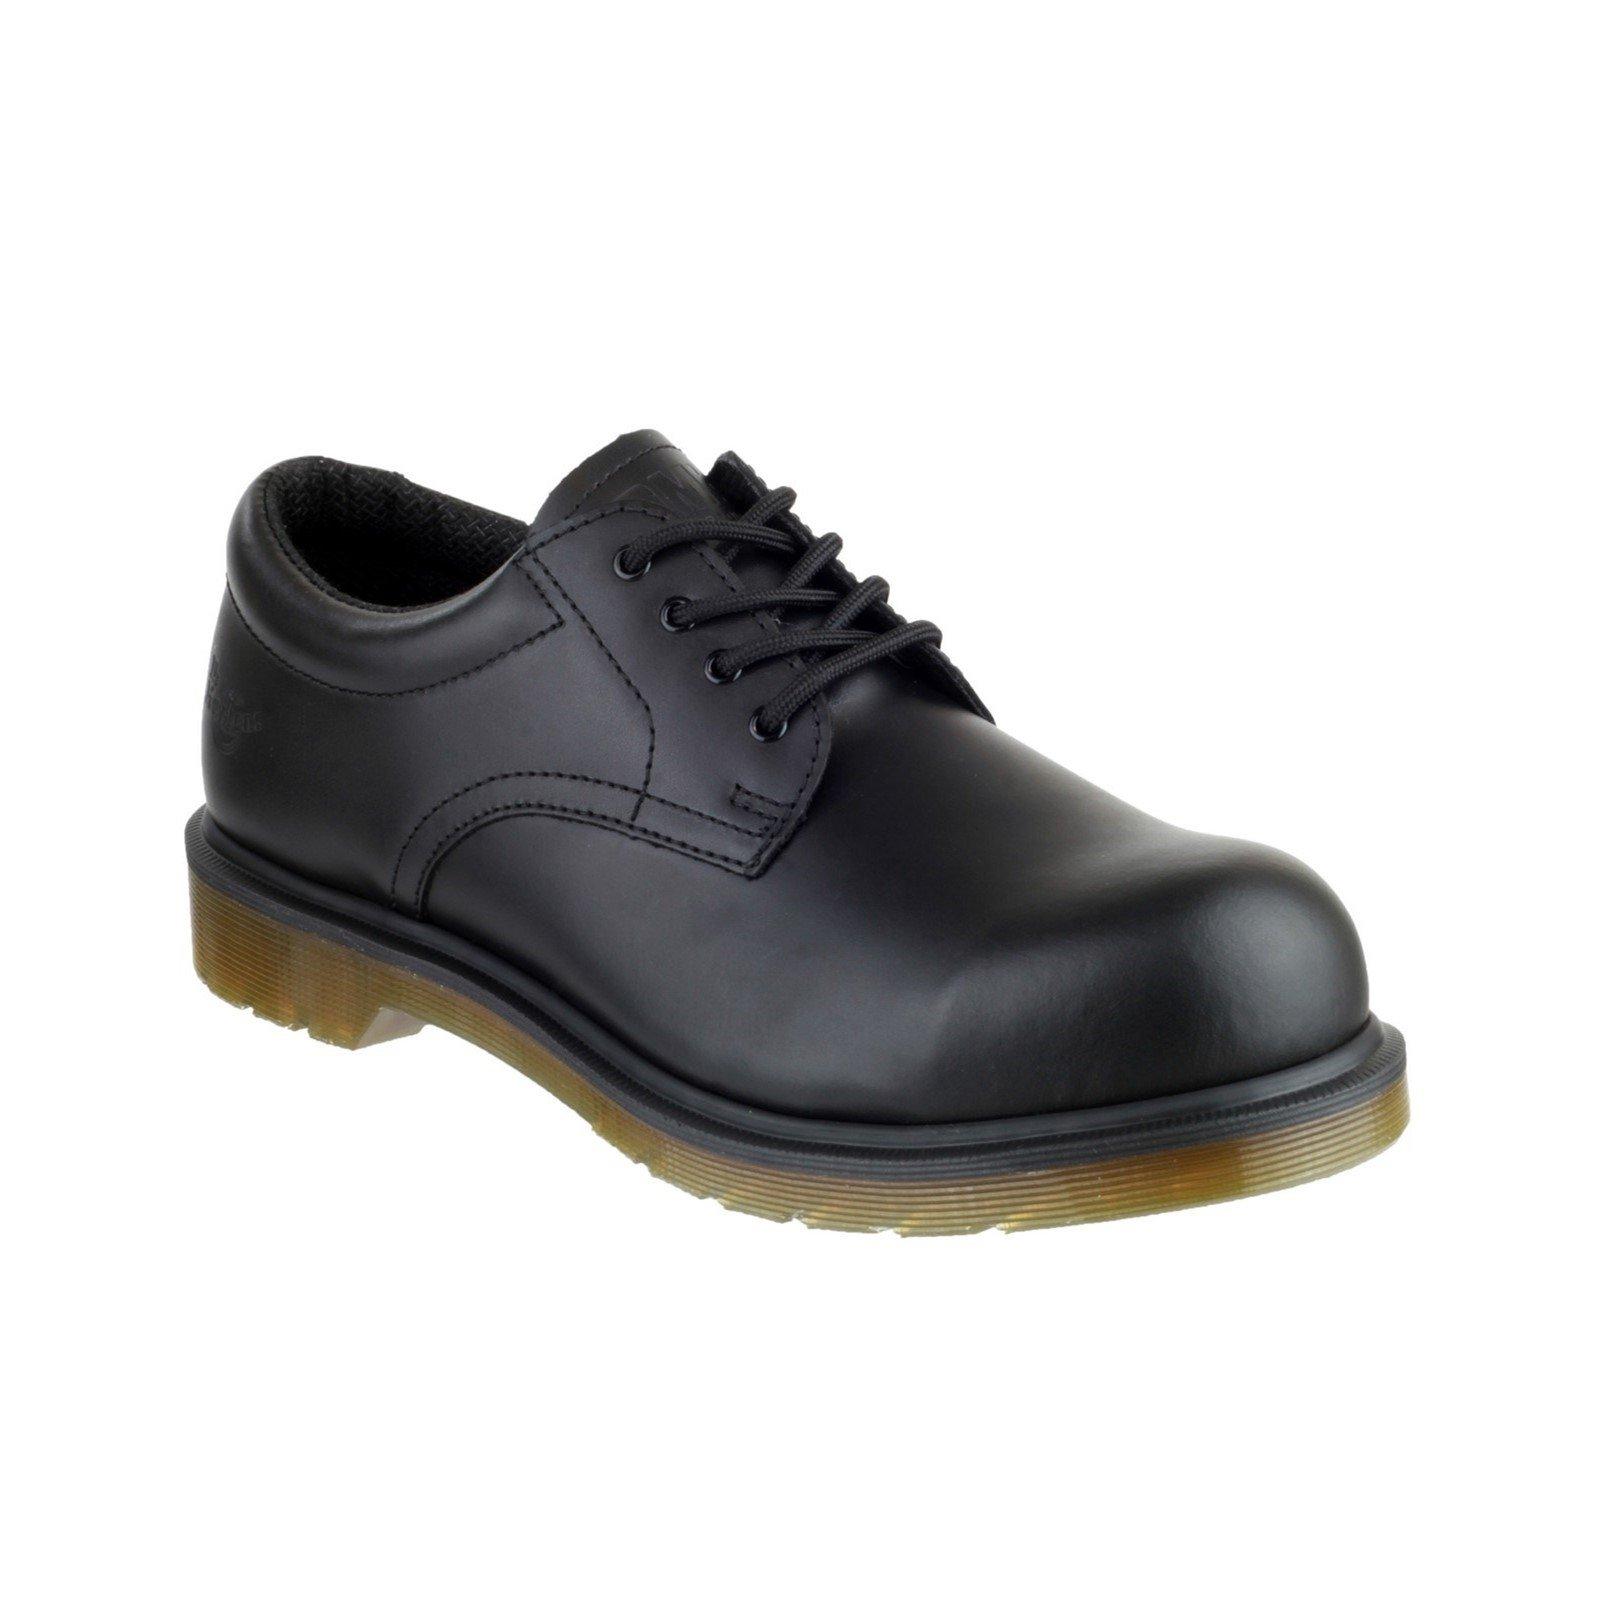 Dr Martens Unisex Icon Lace up Derby Shoe Black 00588 - Black 13